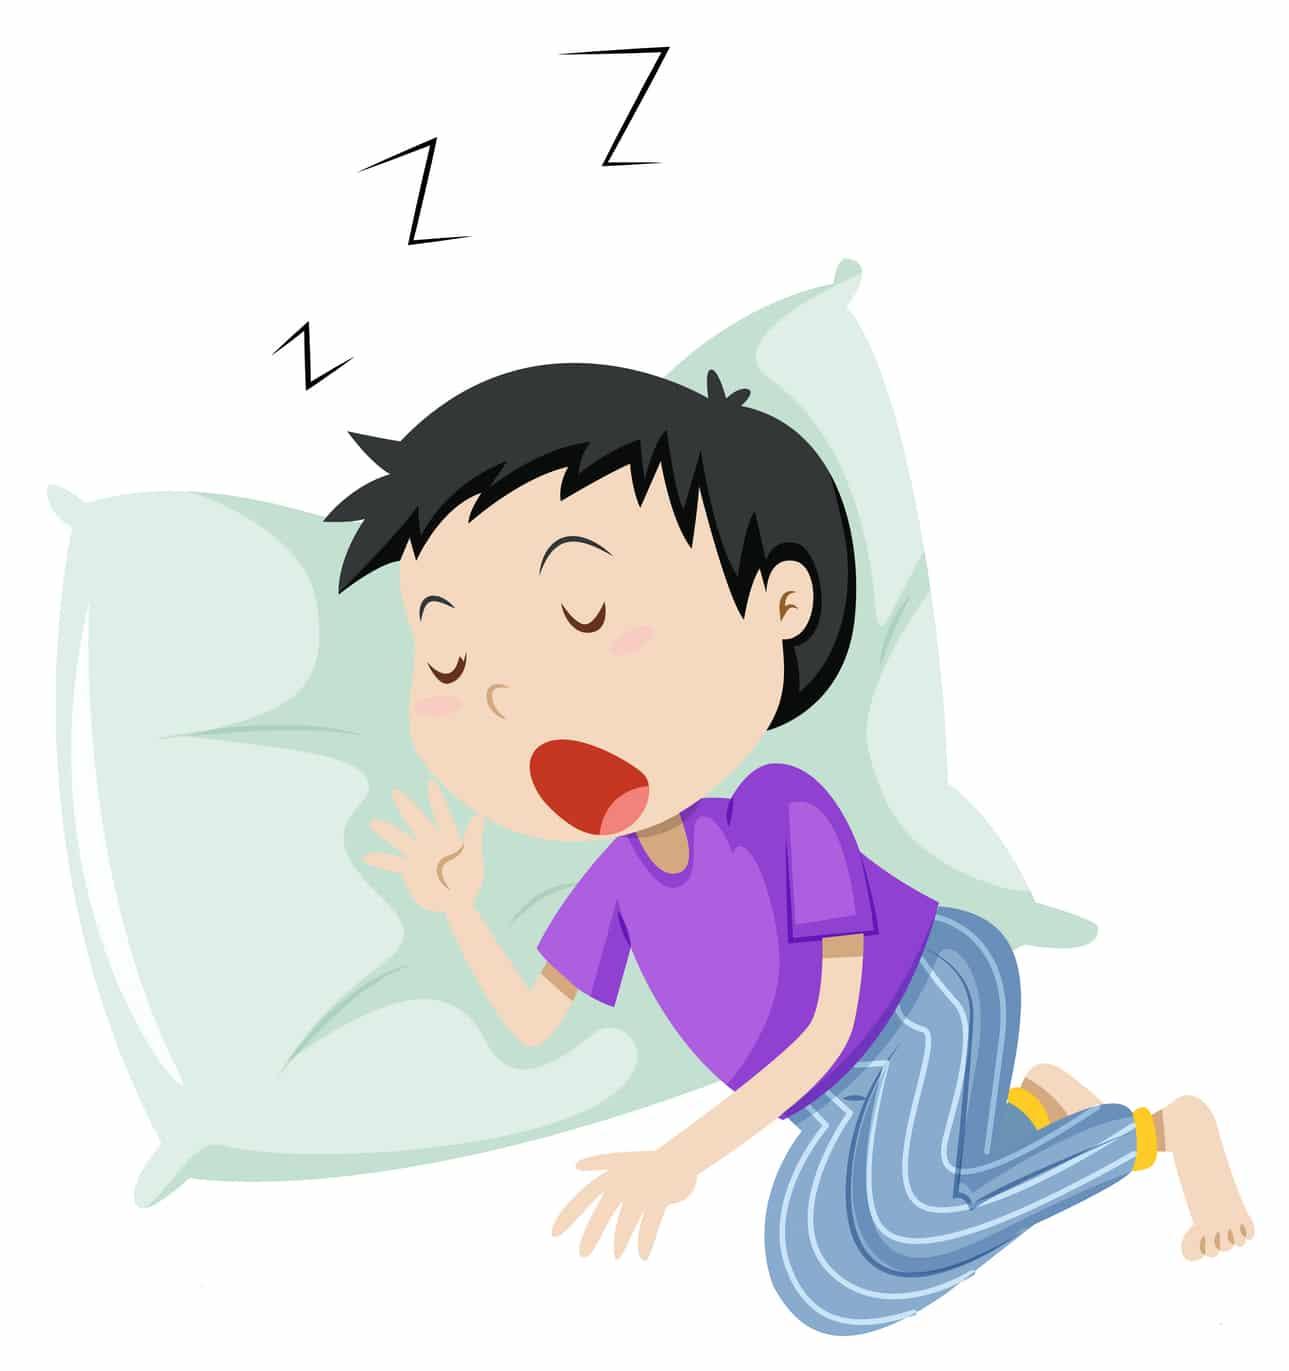 dessin d'un garçon en train de dormir